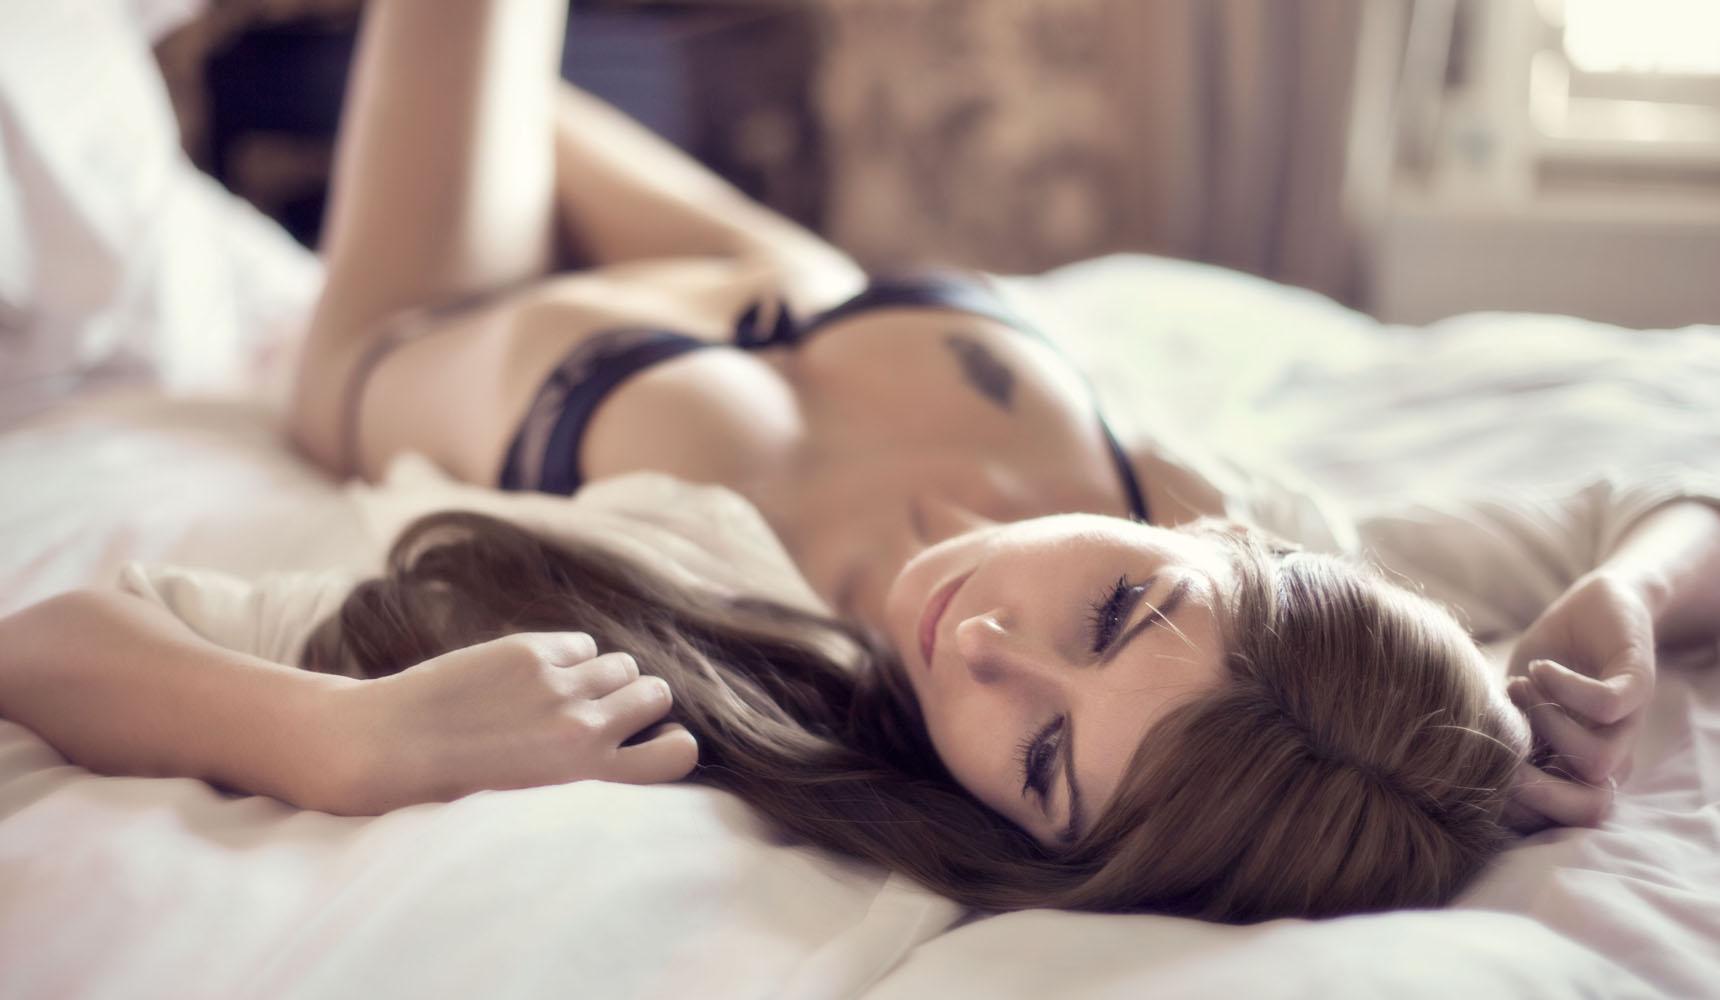 sogno erotico video molto erotici